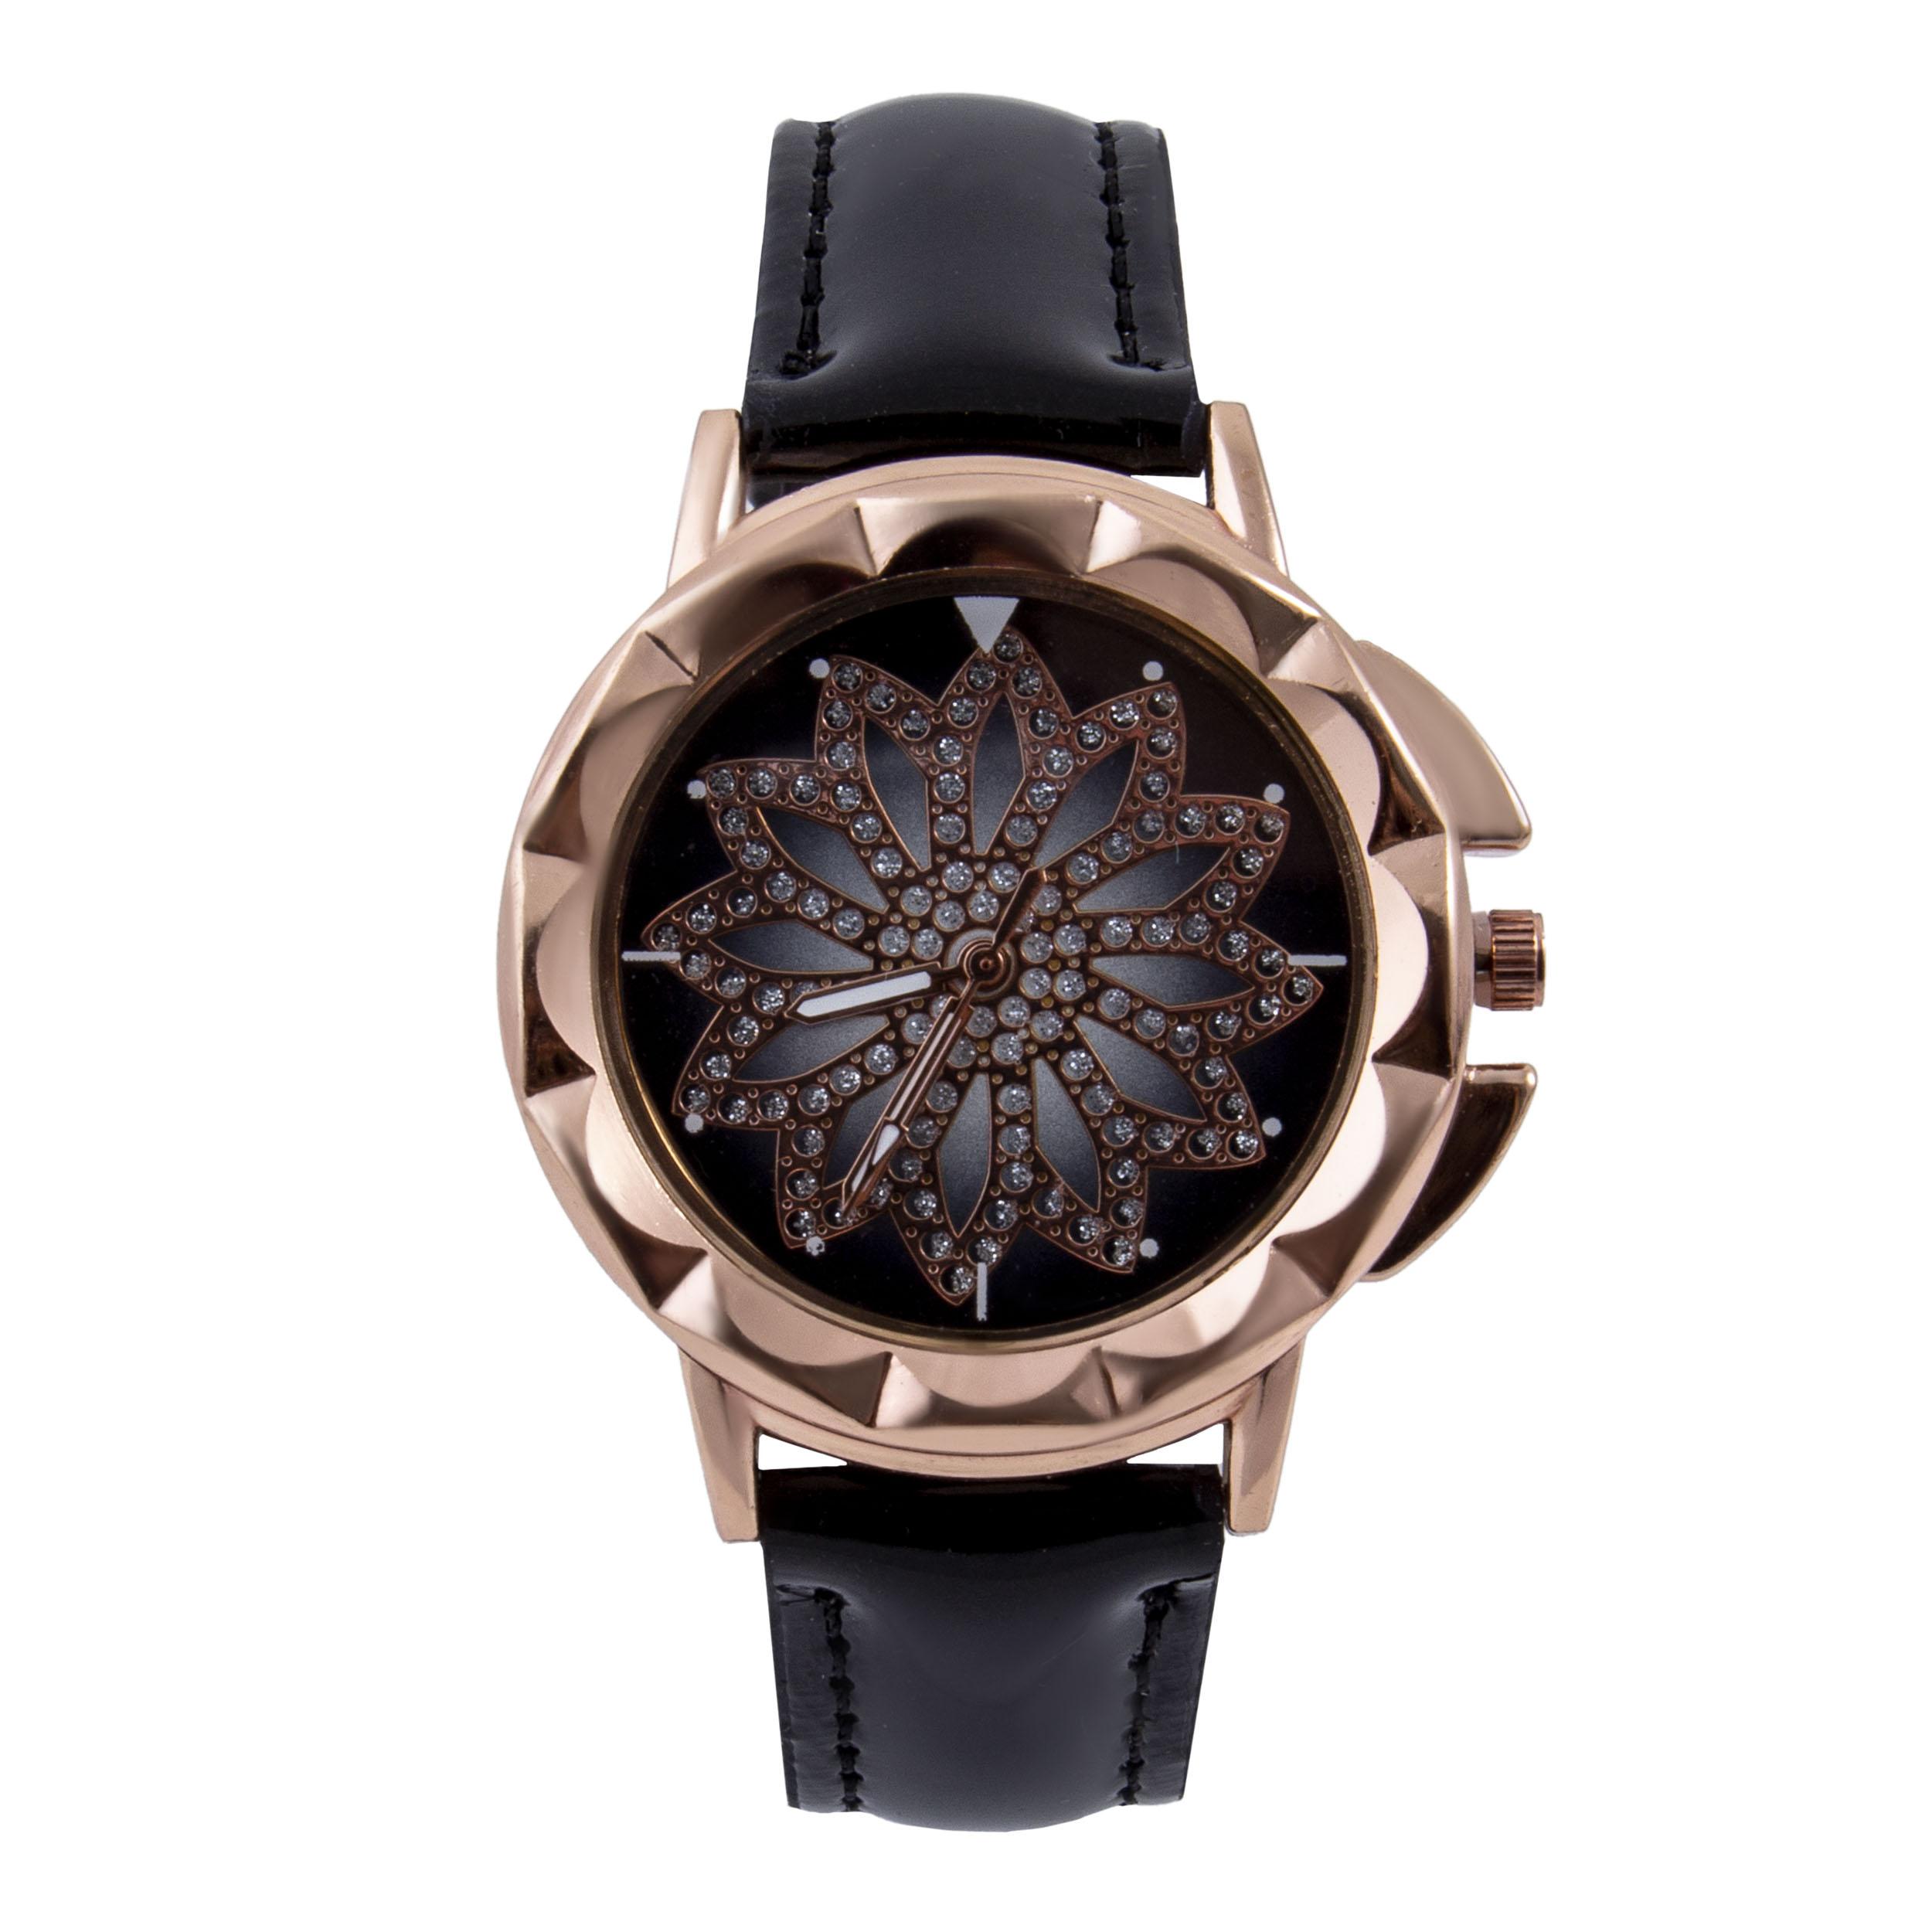 ساعت مچی عقربه ای زنانه کد WHW-063              خرید (⭐️⭐️⭐️)